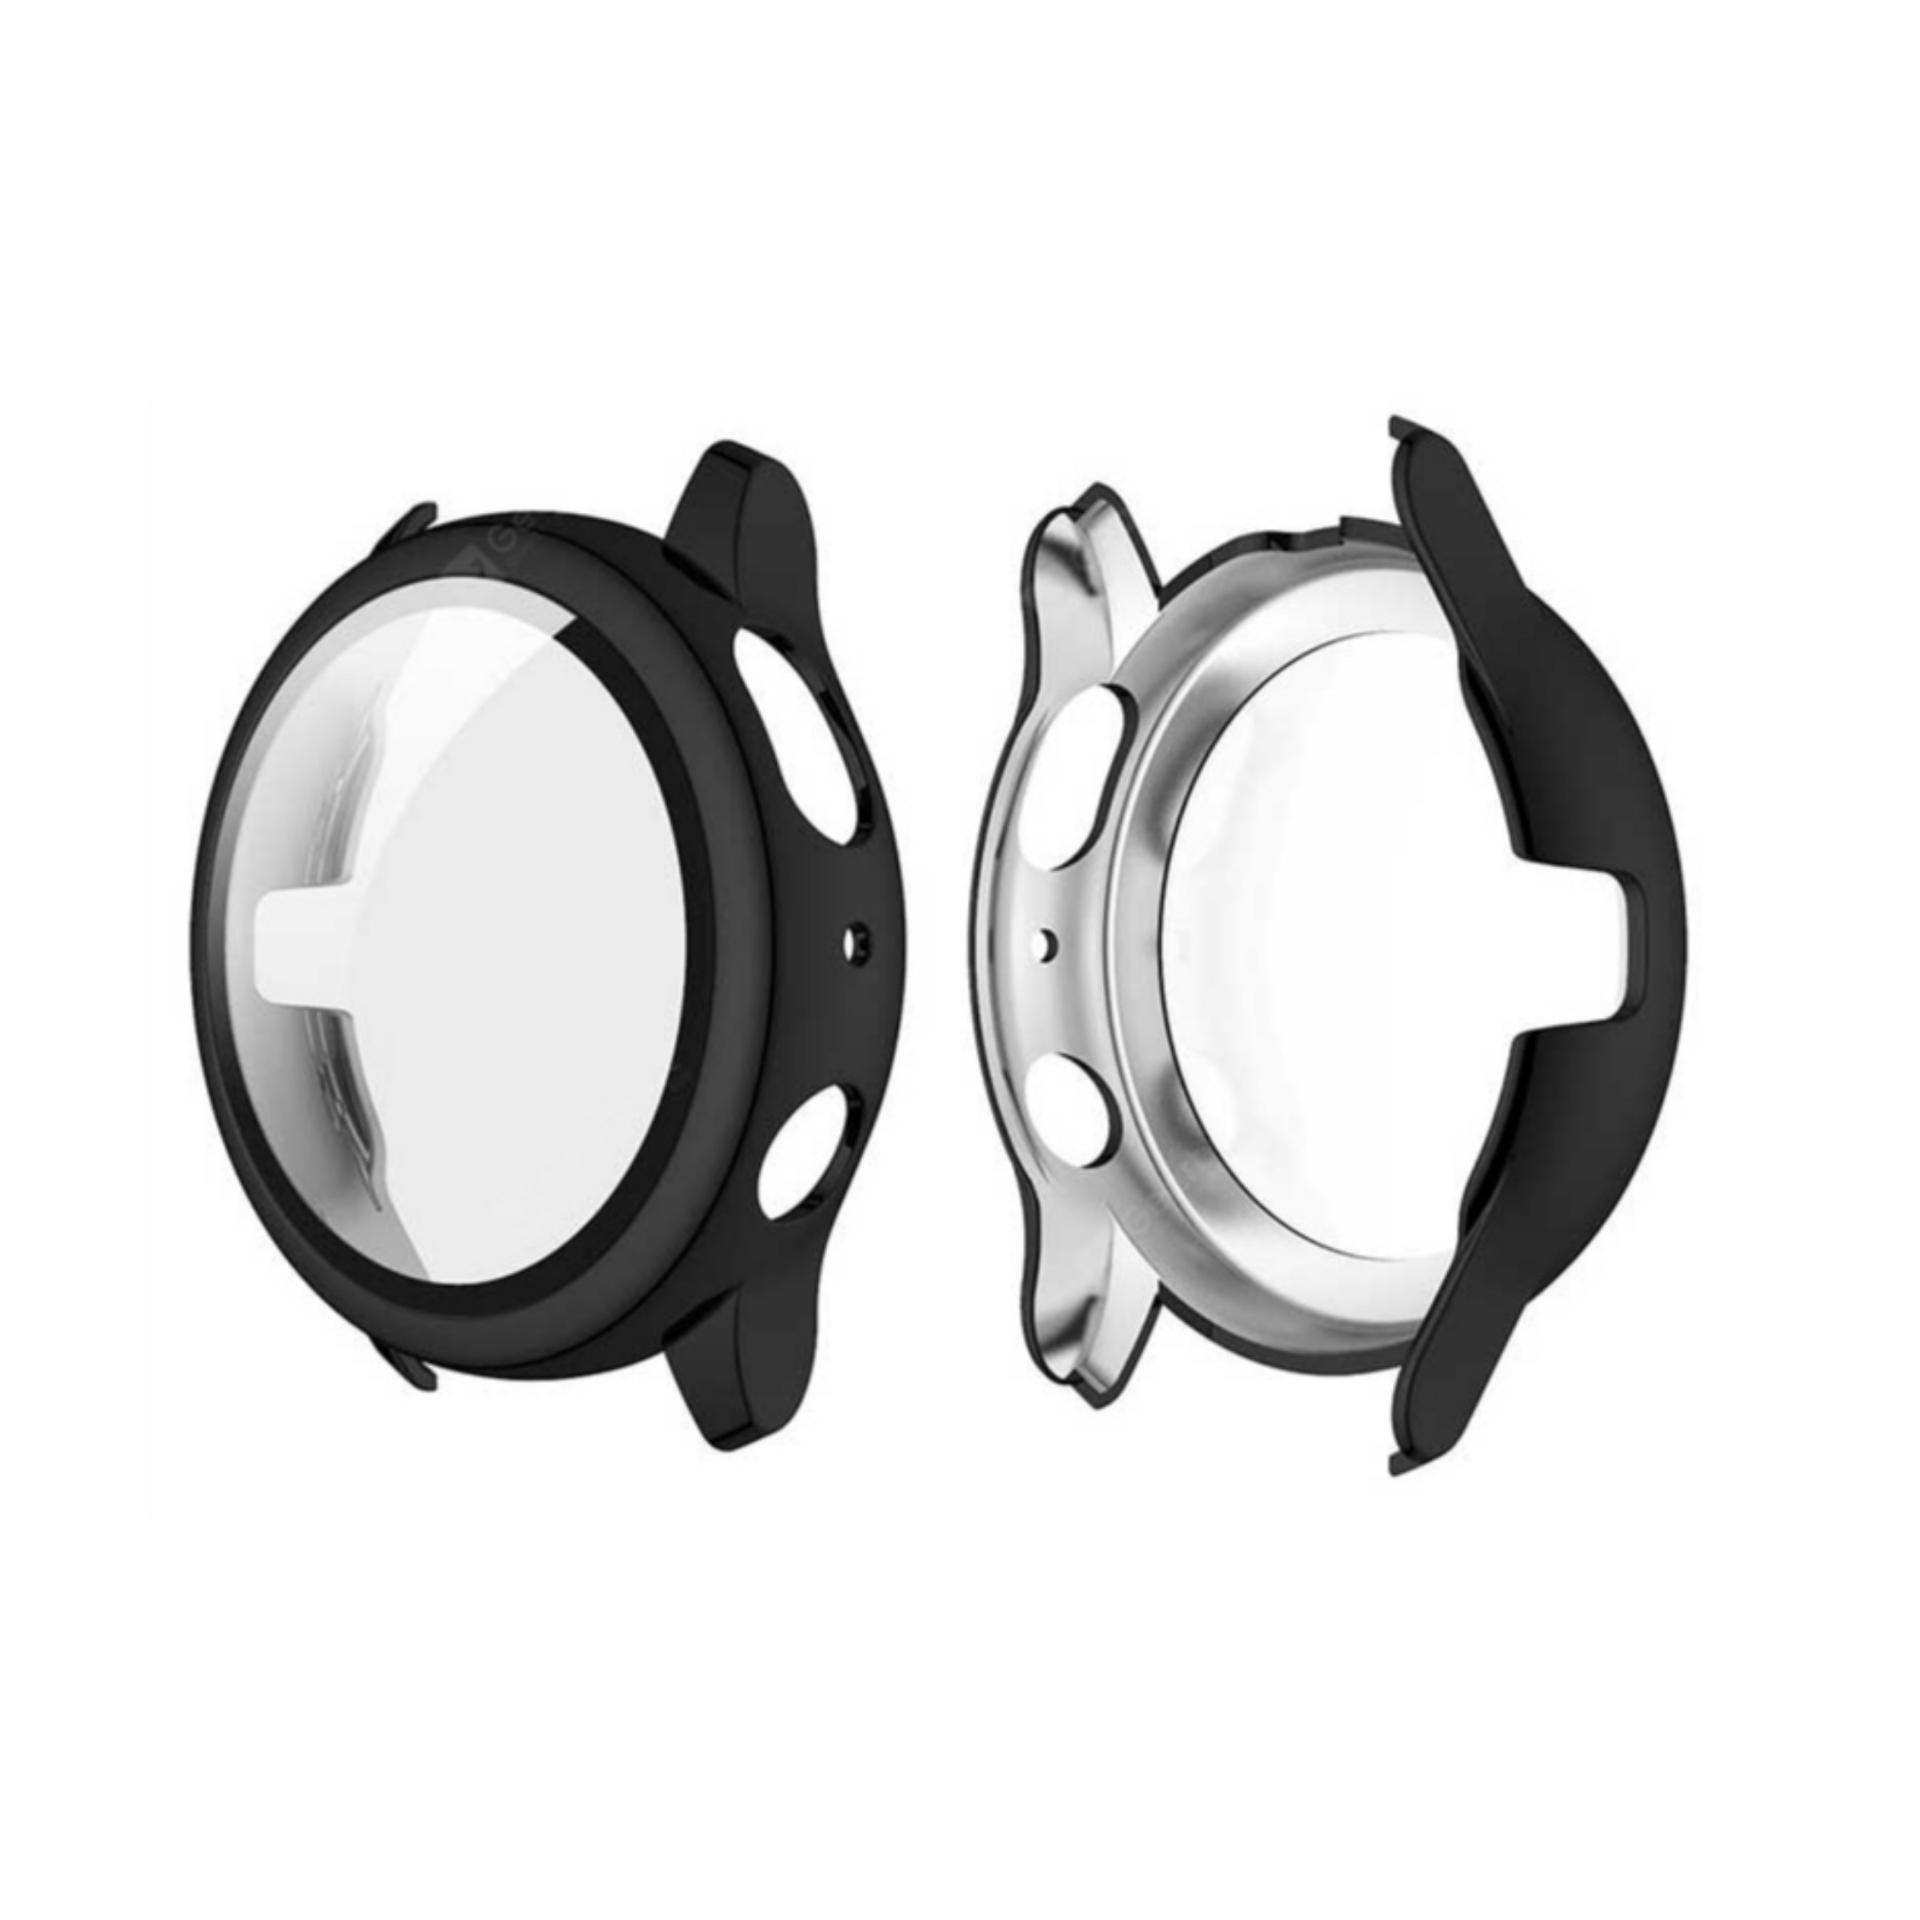 کاور مدل +nex مناسب برای ساعت هوشمند سامسونگ Galaxy Active 44mm main 1 1